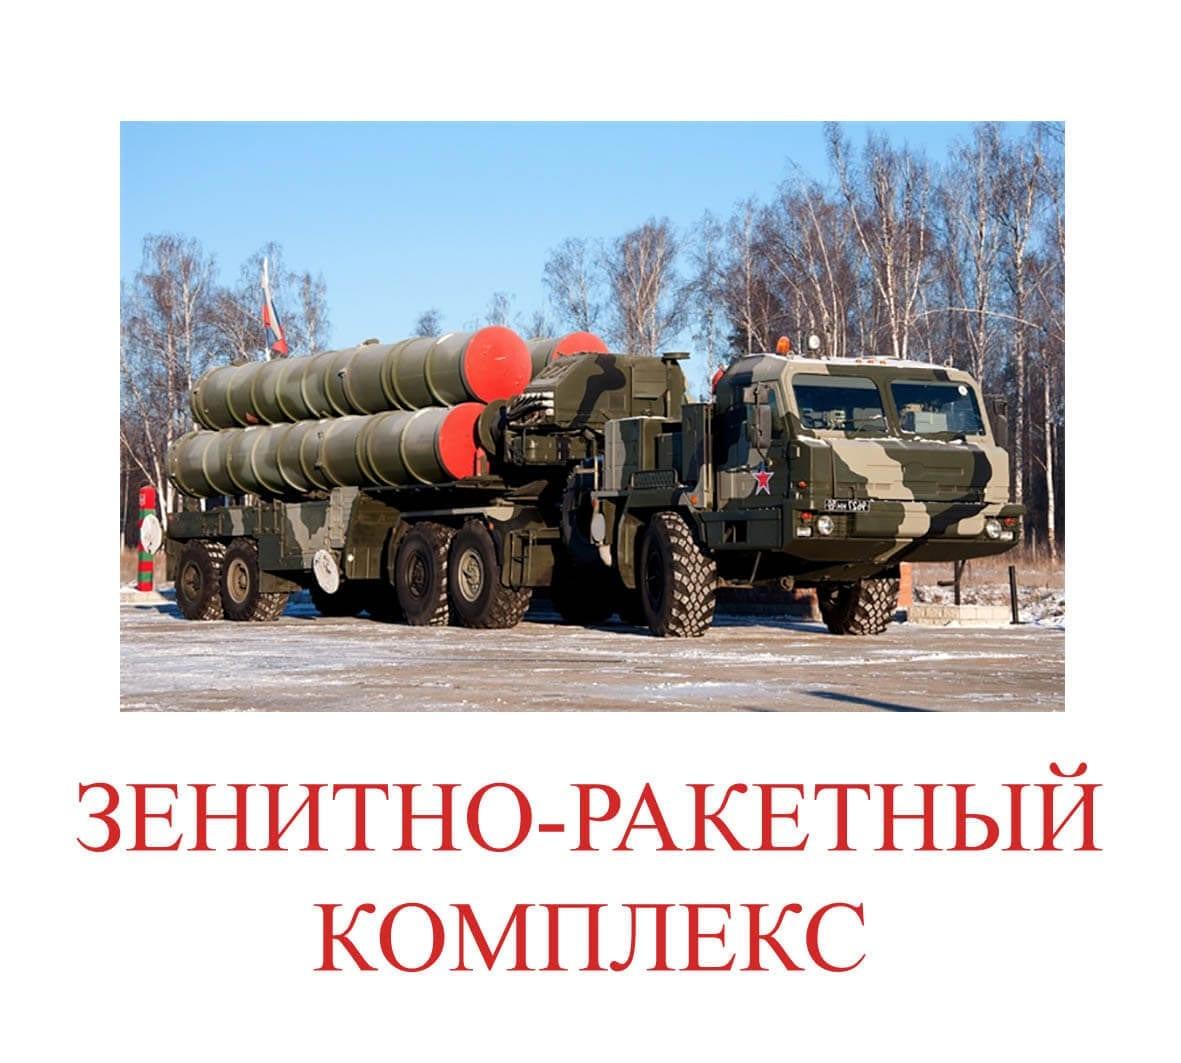 Зенитно-ракетный комплекс картинка для детей